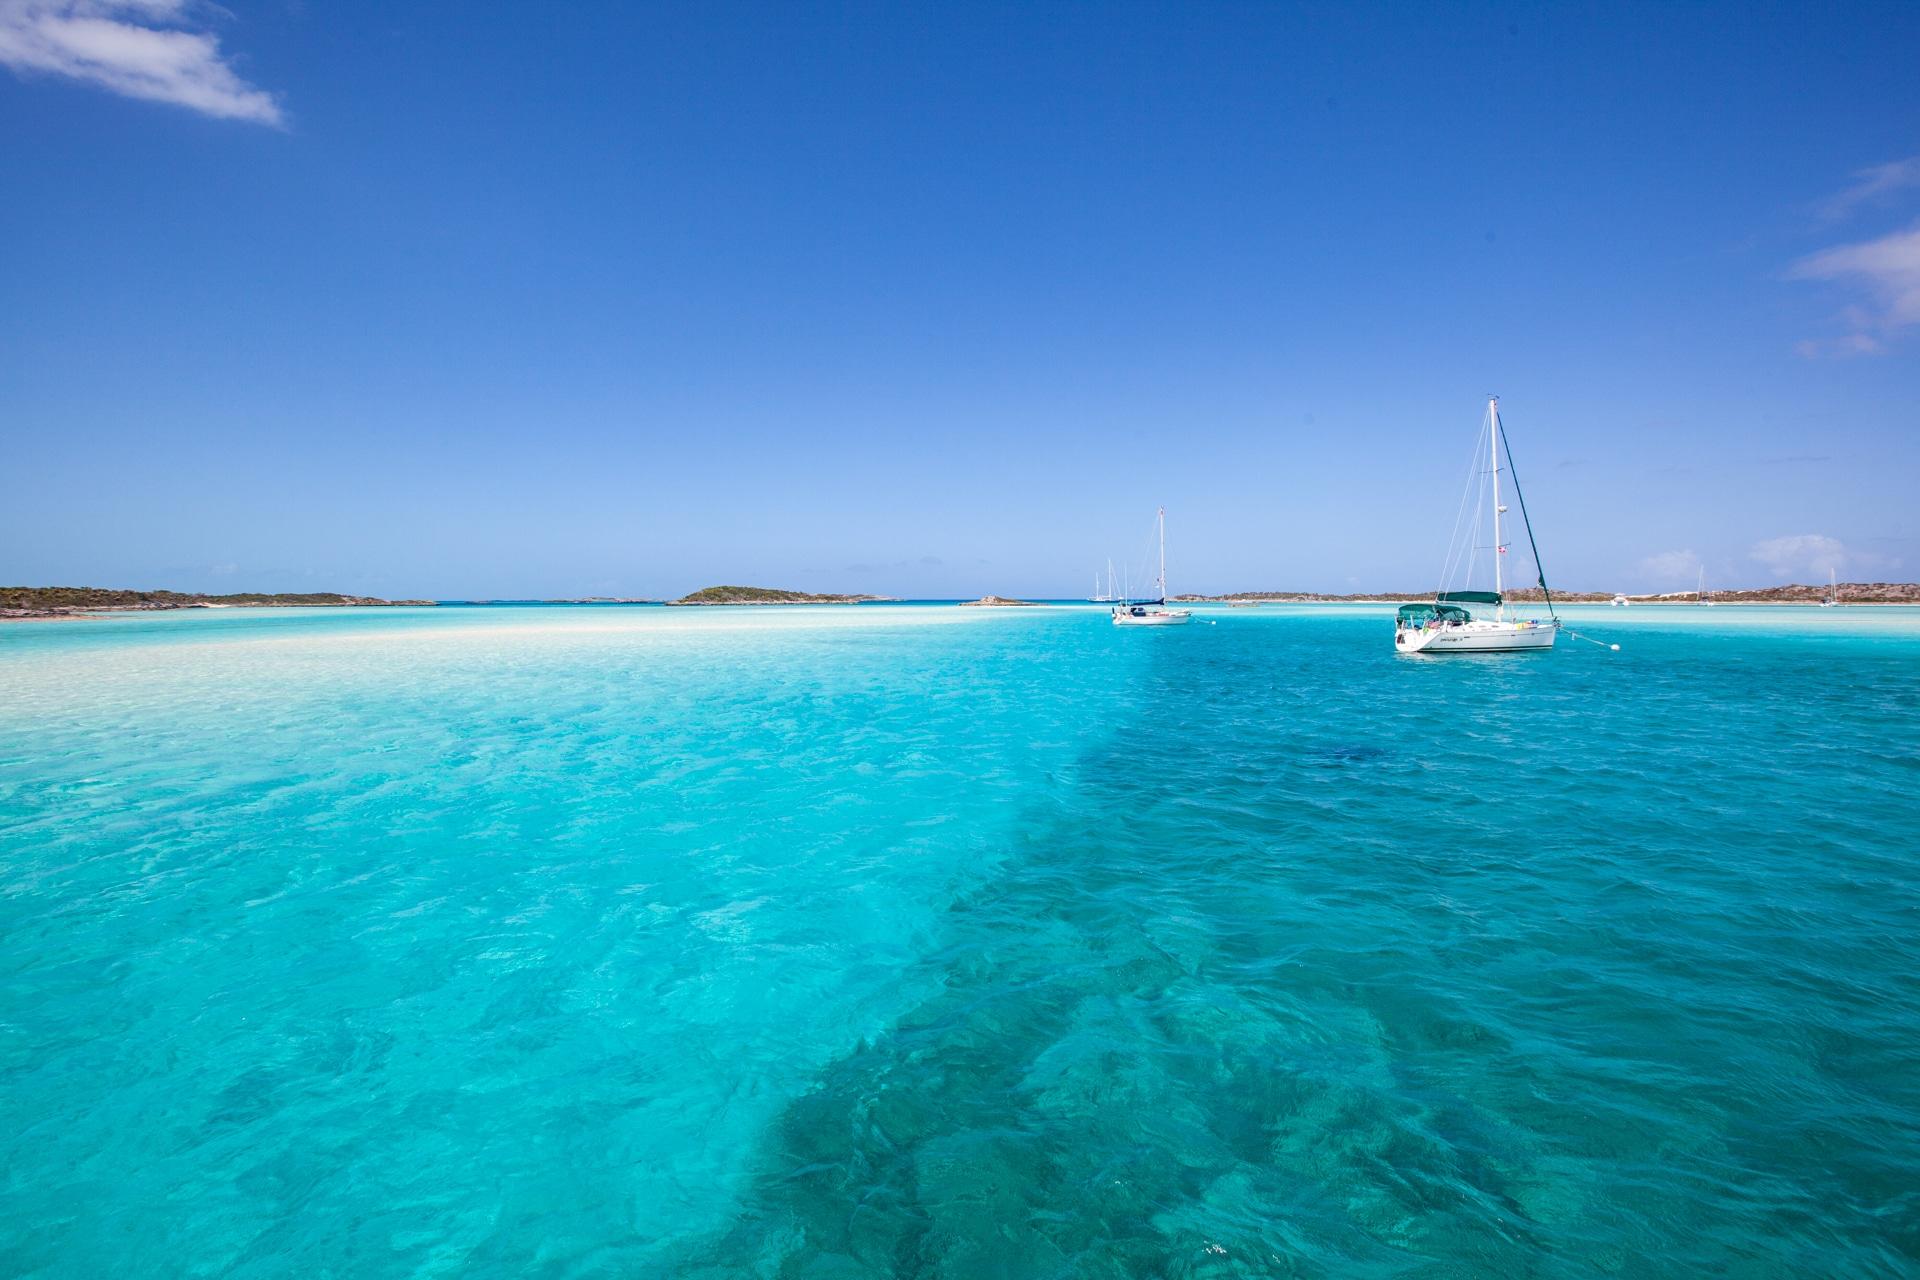 Voyage aux Bahamas Exumas